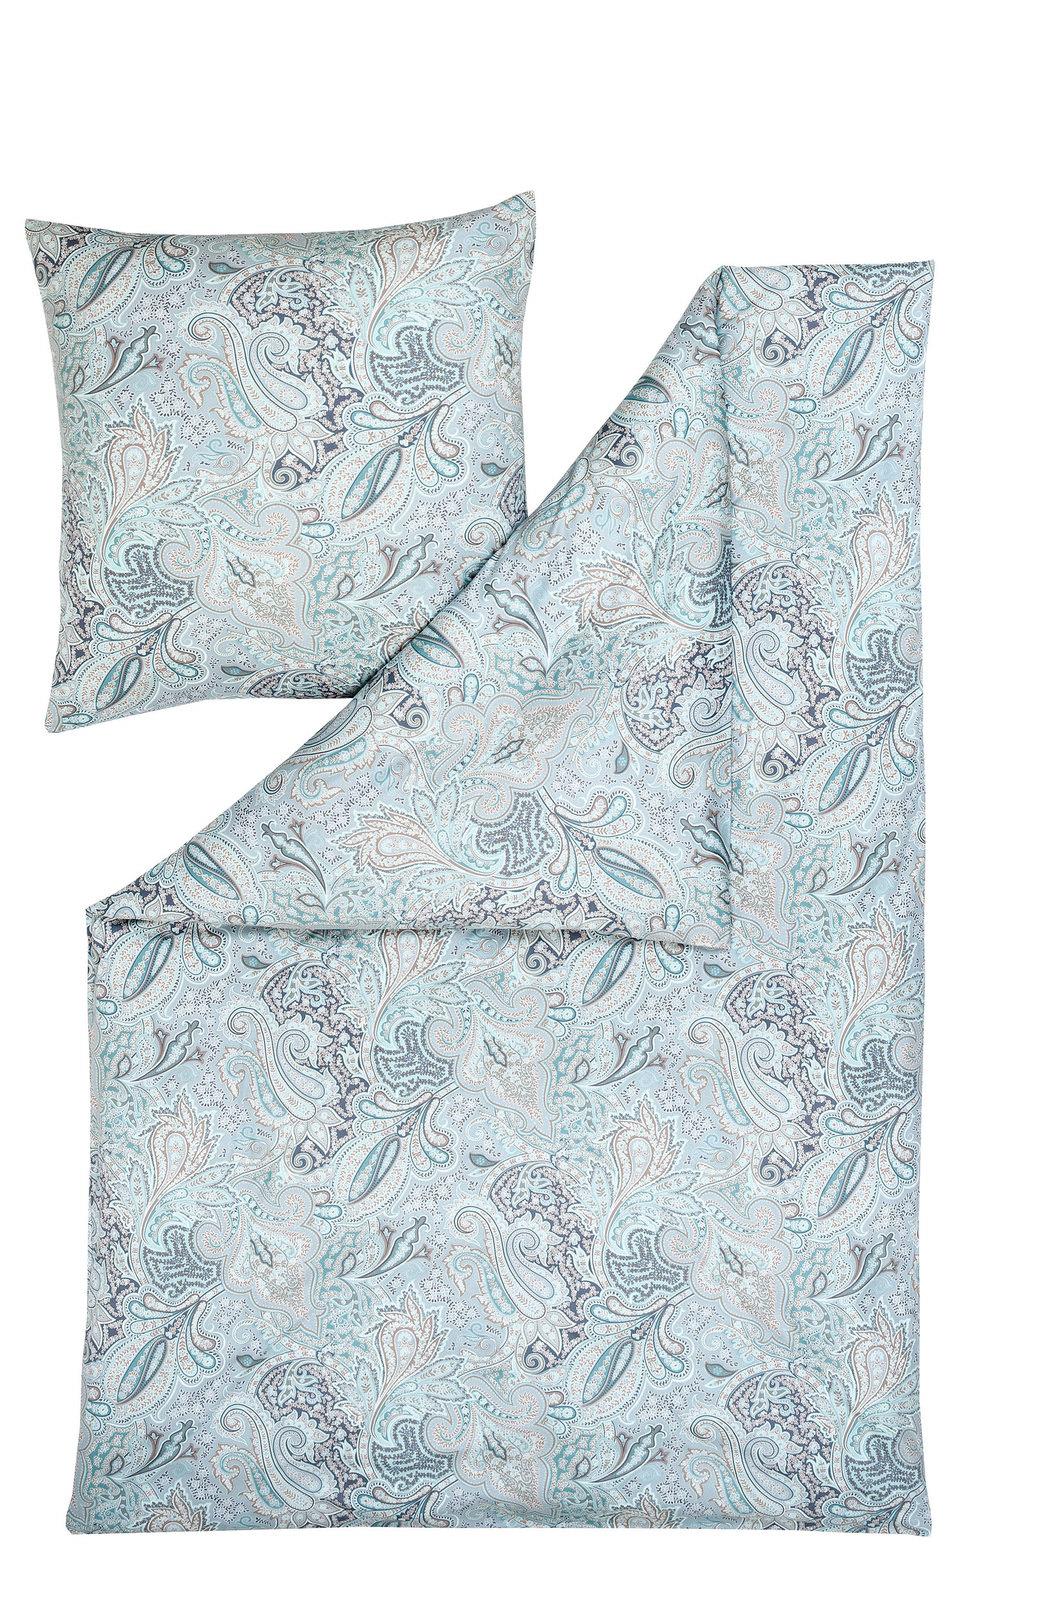 estella interlock jersey bettw sche online entdecken schaffrath ihr m belhaus. Black Bedroom Furniture Sets. Home Design Ideas